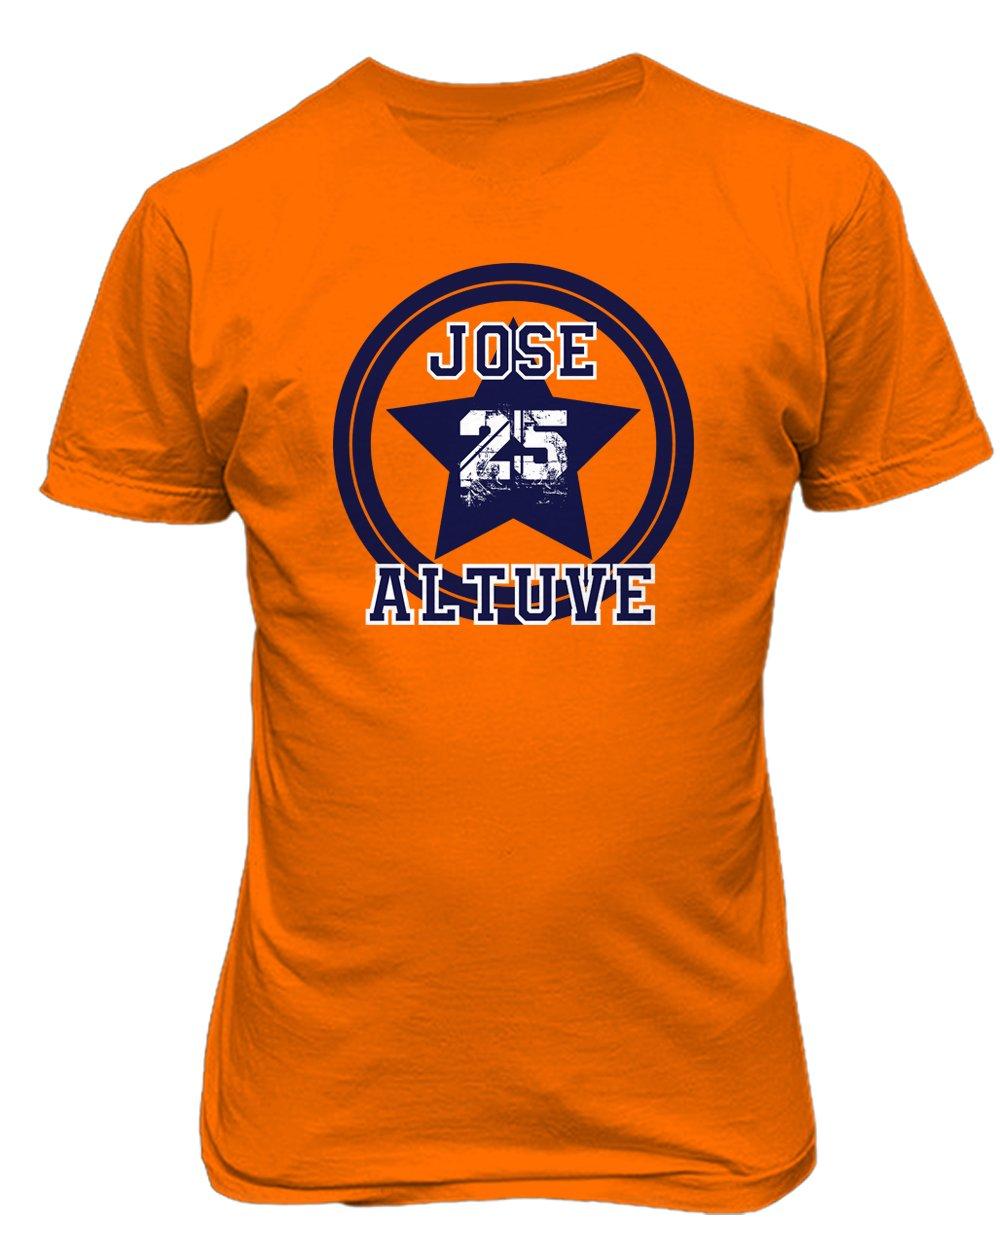 JoseホセアルトゥーベHoustonロゴメンズTシャツ Adult XXXX-Large オレンジ B076JHFTVH